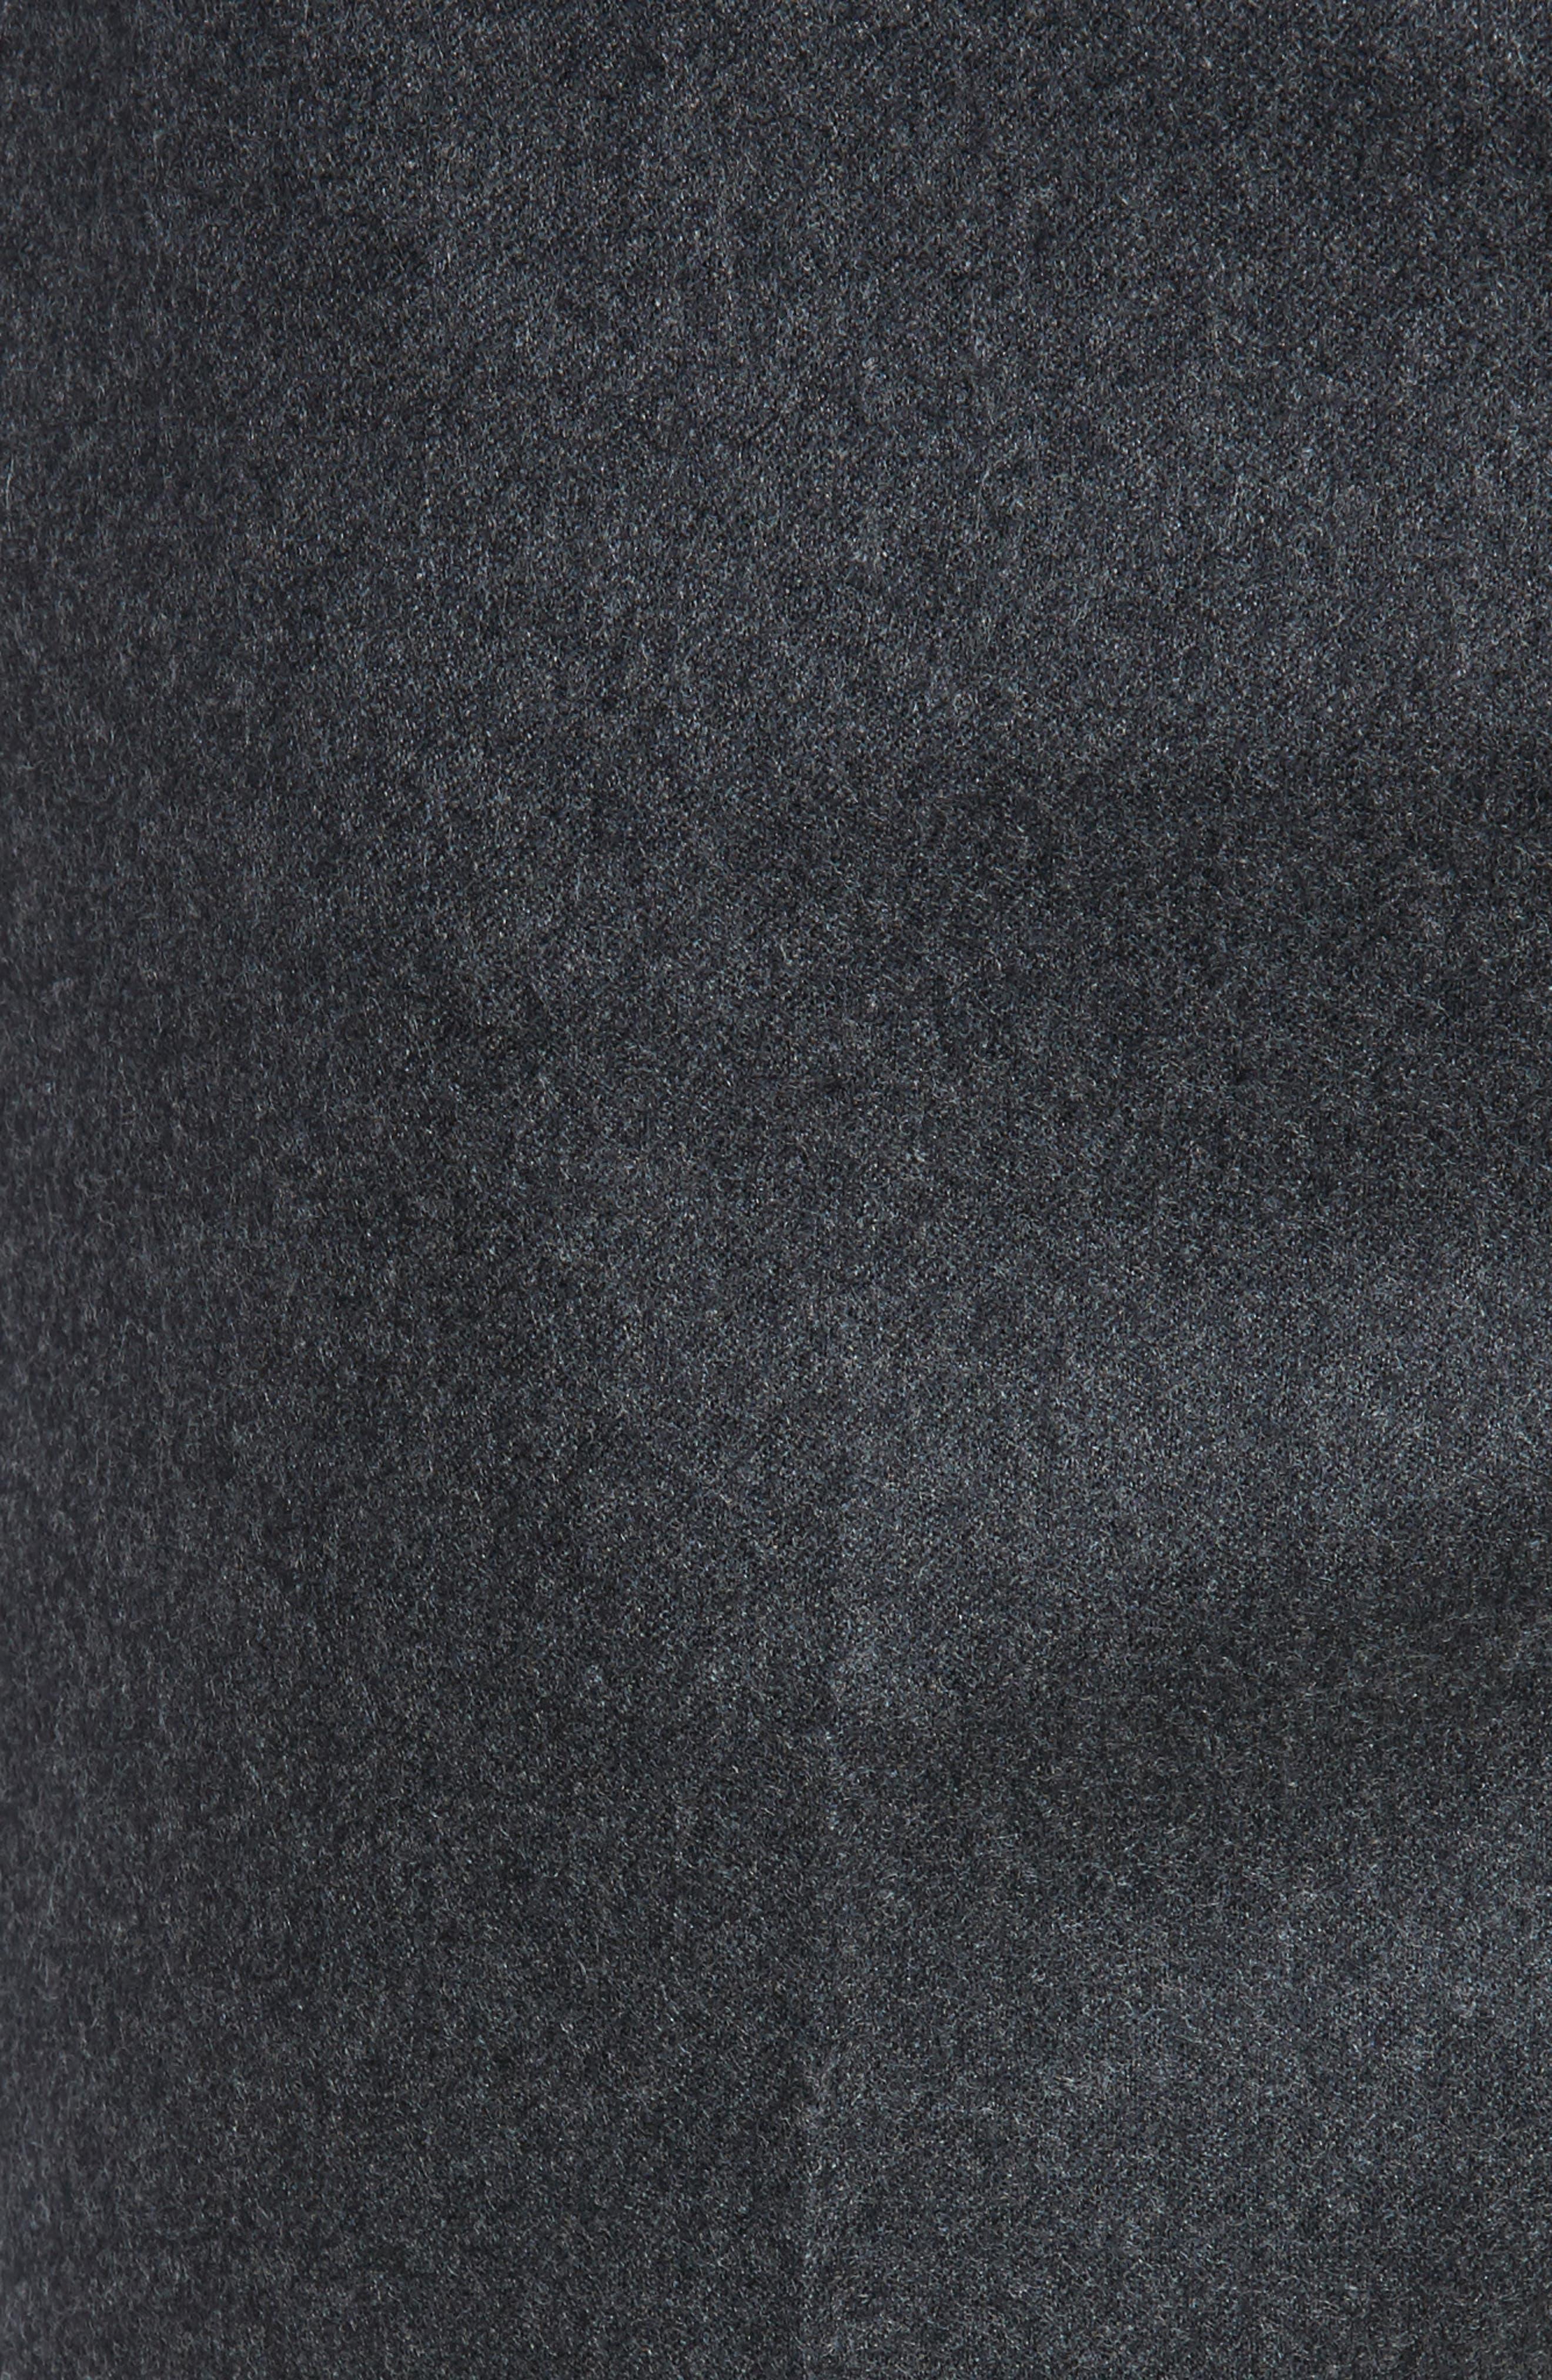 Alternate Image 2  - Zanella Devon Flat Front Solid Wool Flannel Trousers